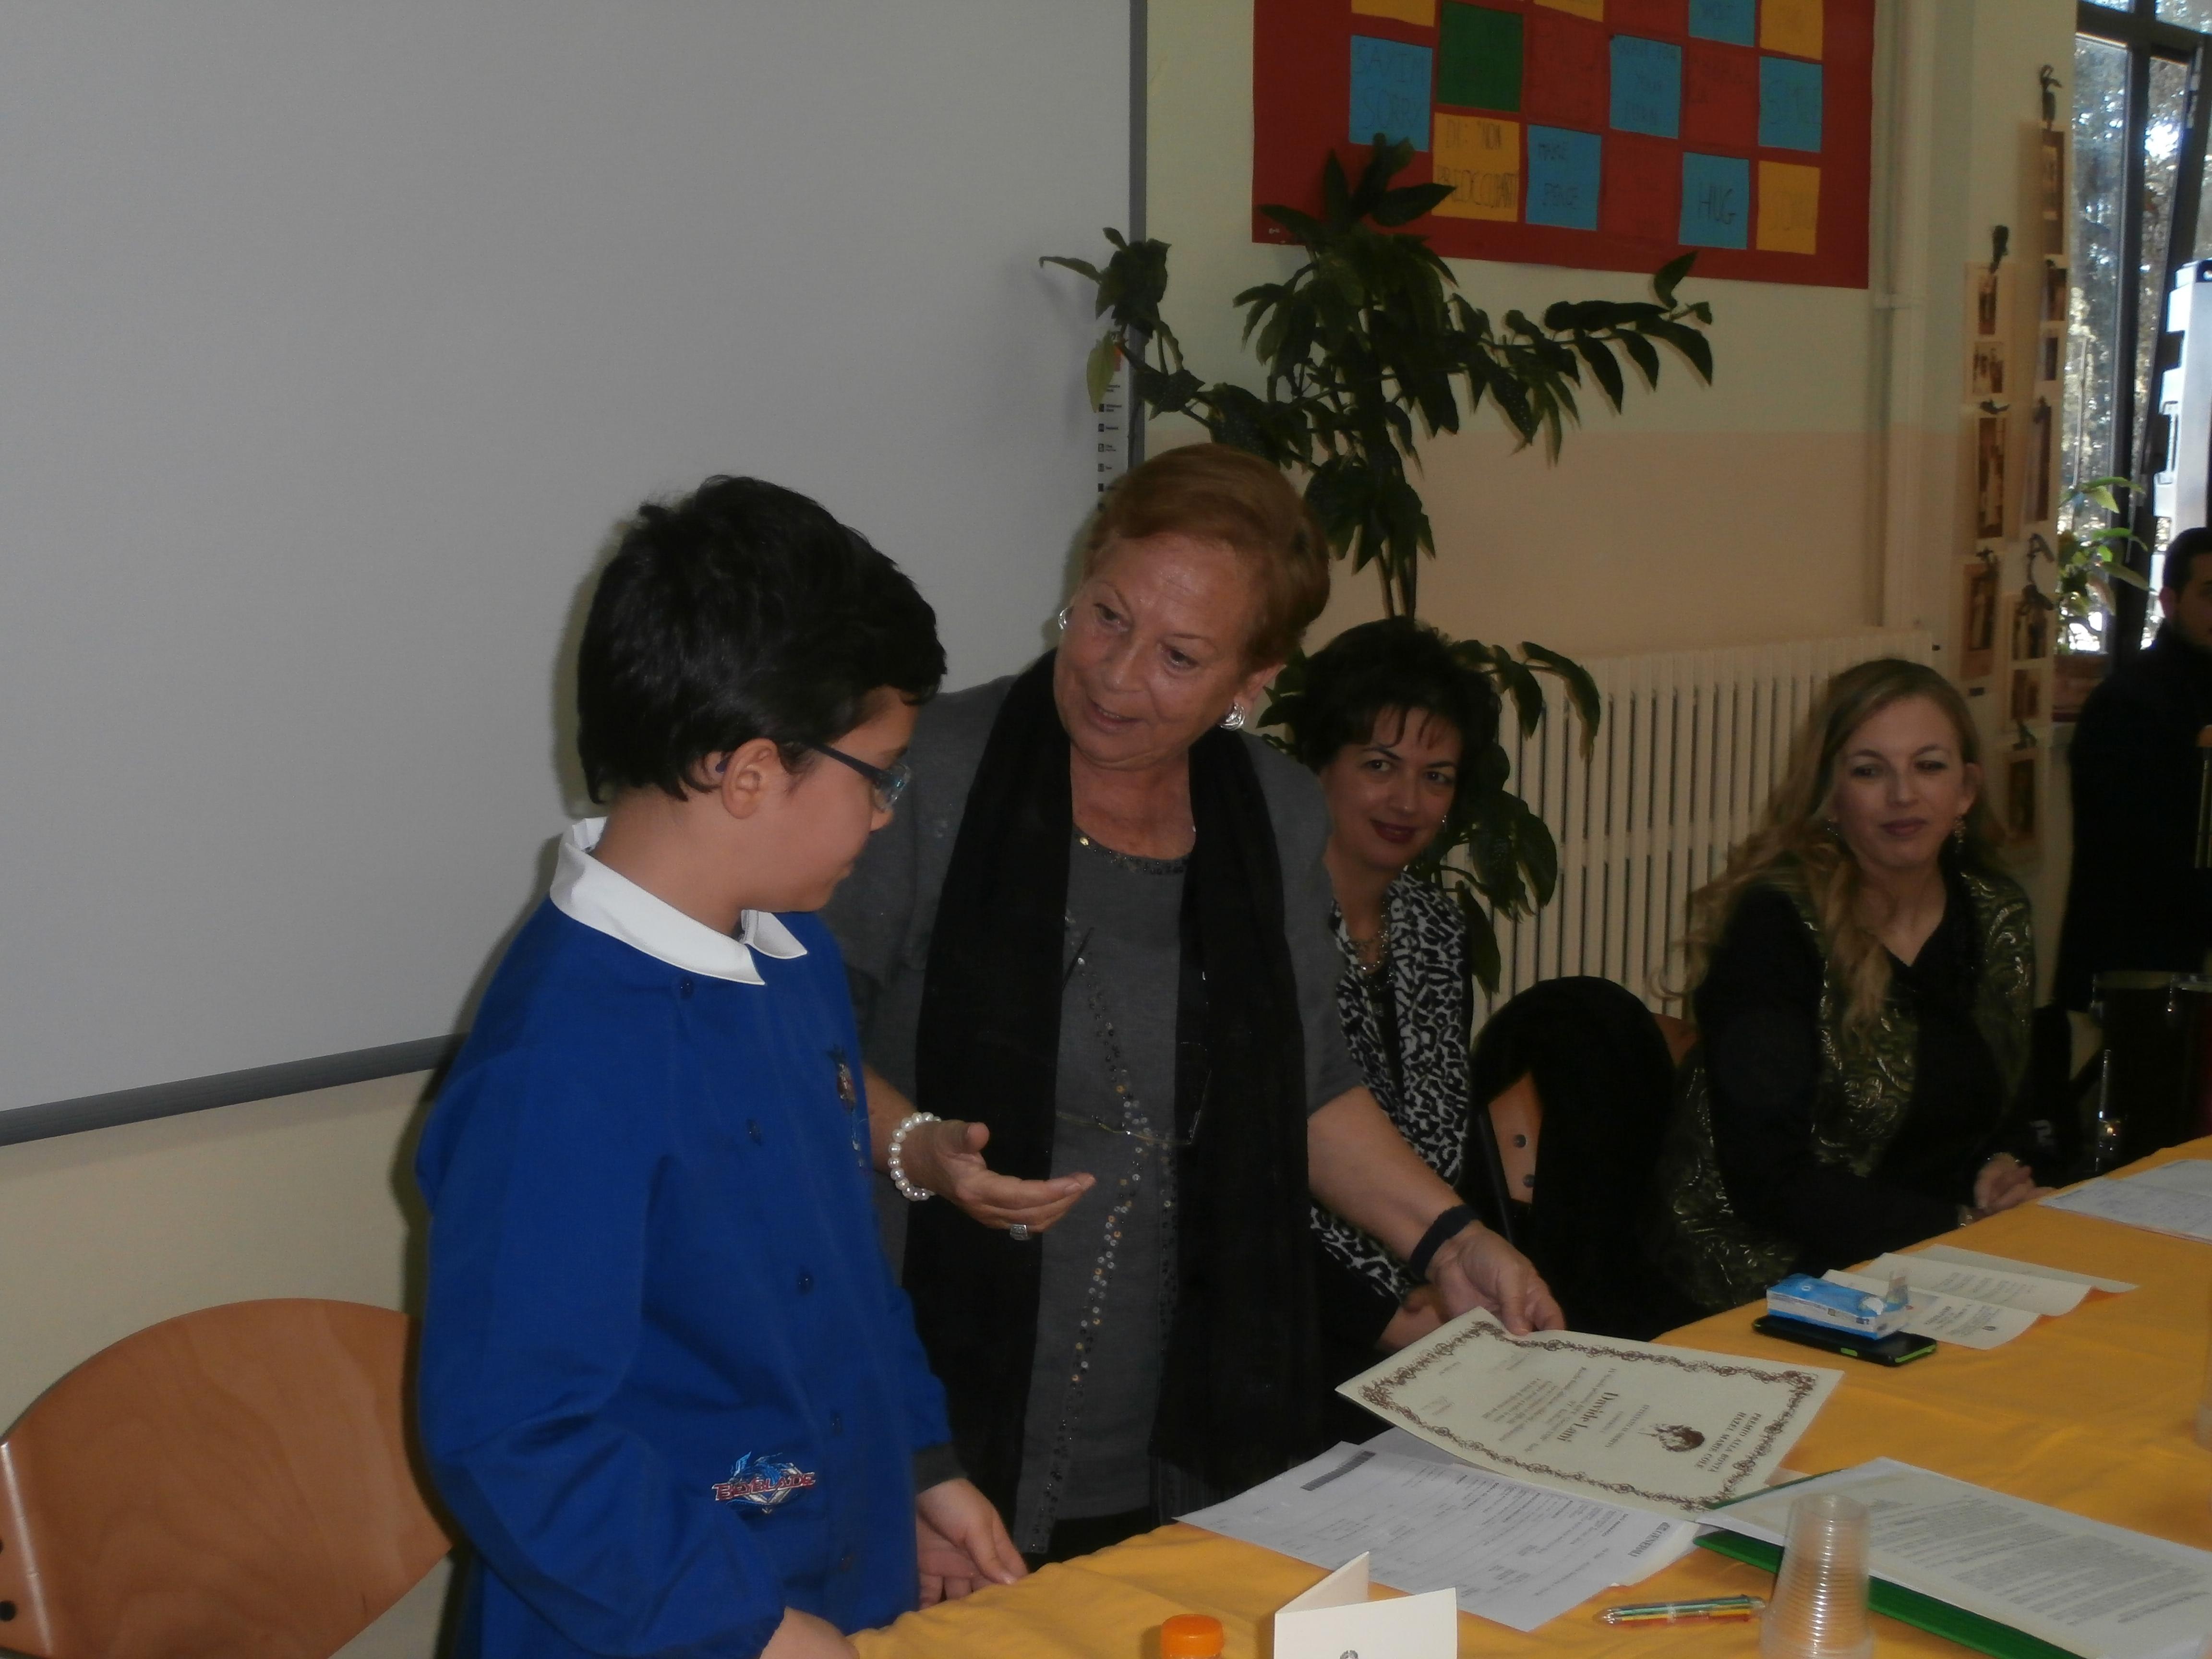 La prof Pianciamore legge la motivazione del premio che poi consegna con gioia a Davide.